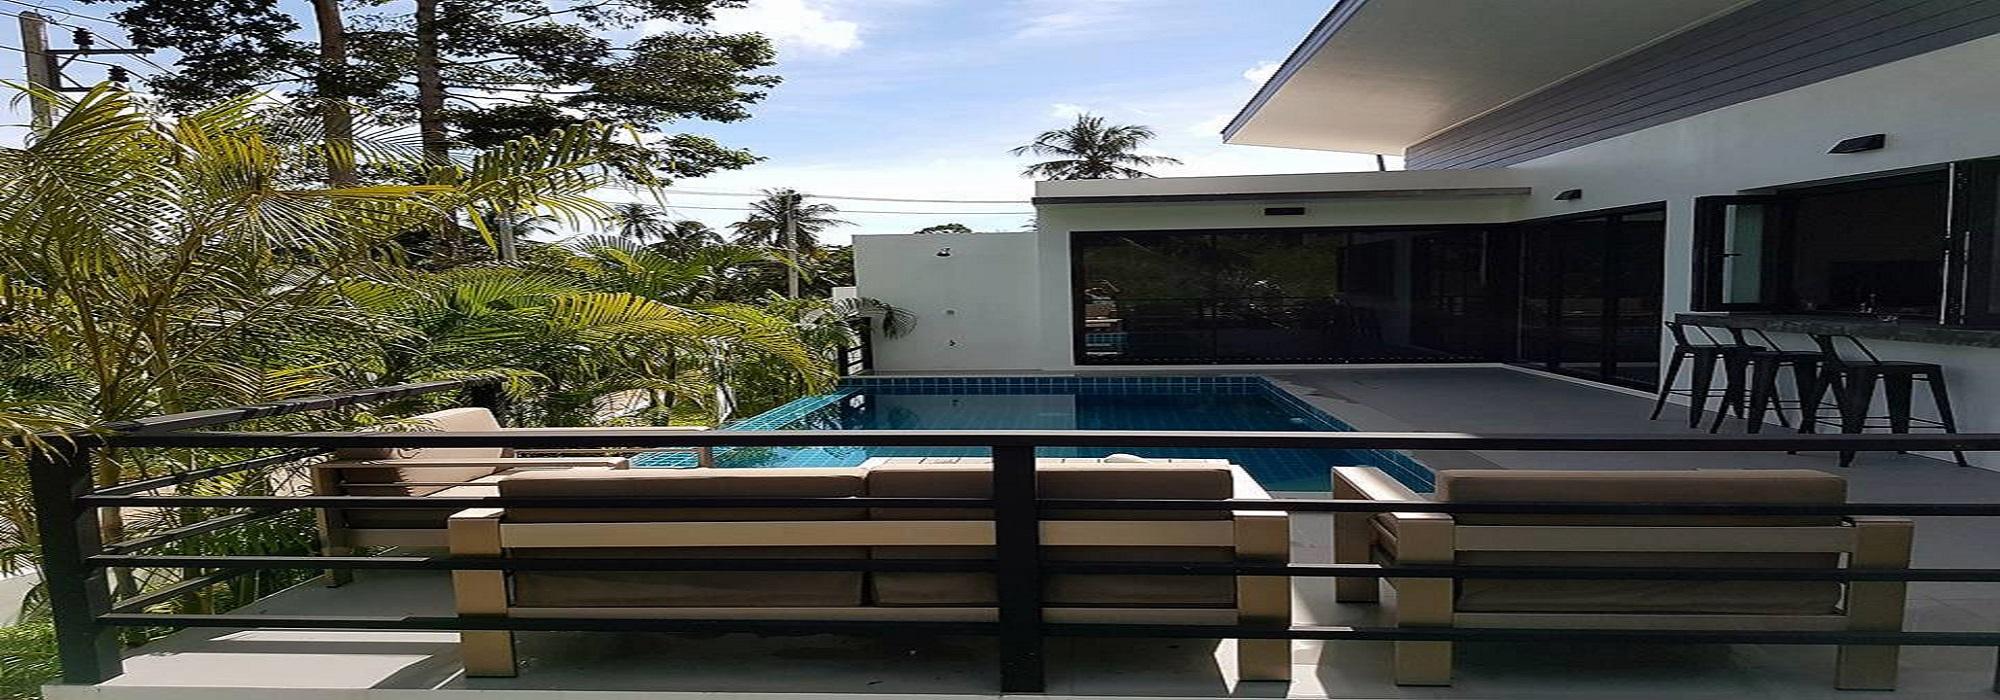 A vendre villas Lamai Koh Samui 2 chambres